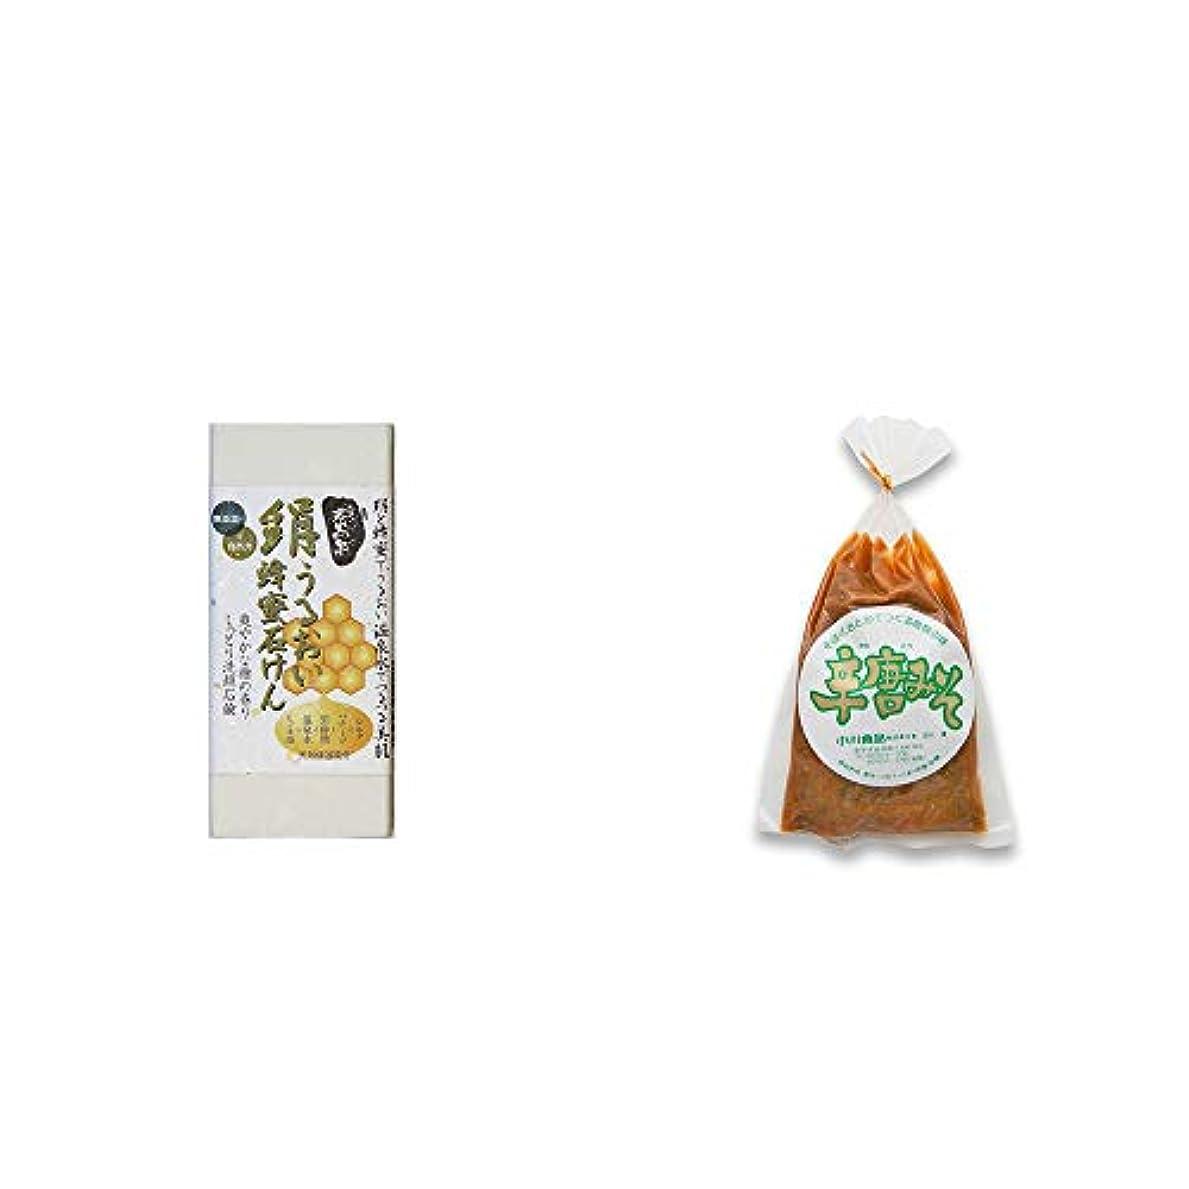 に関してぼかす閉塞[2点セット] ひのき炭黒泉 絹うるおい蜂蜜石けん(75g×2)?辛唐みそ(130g)